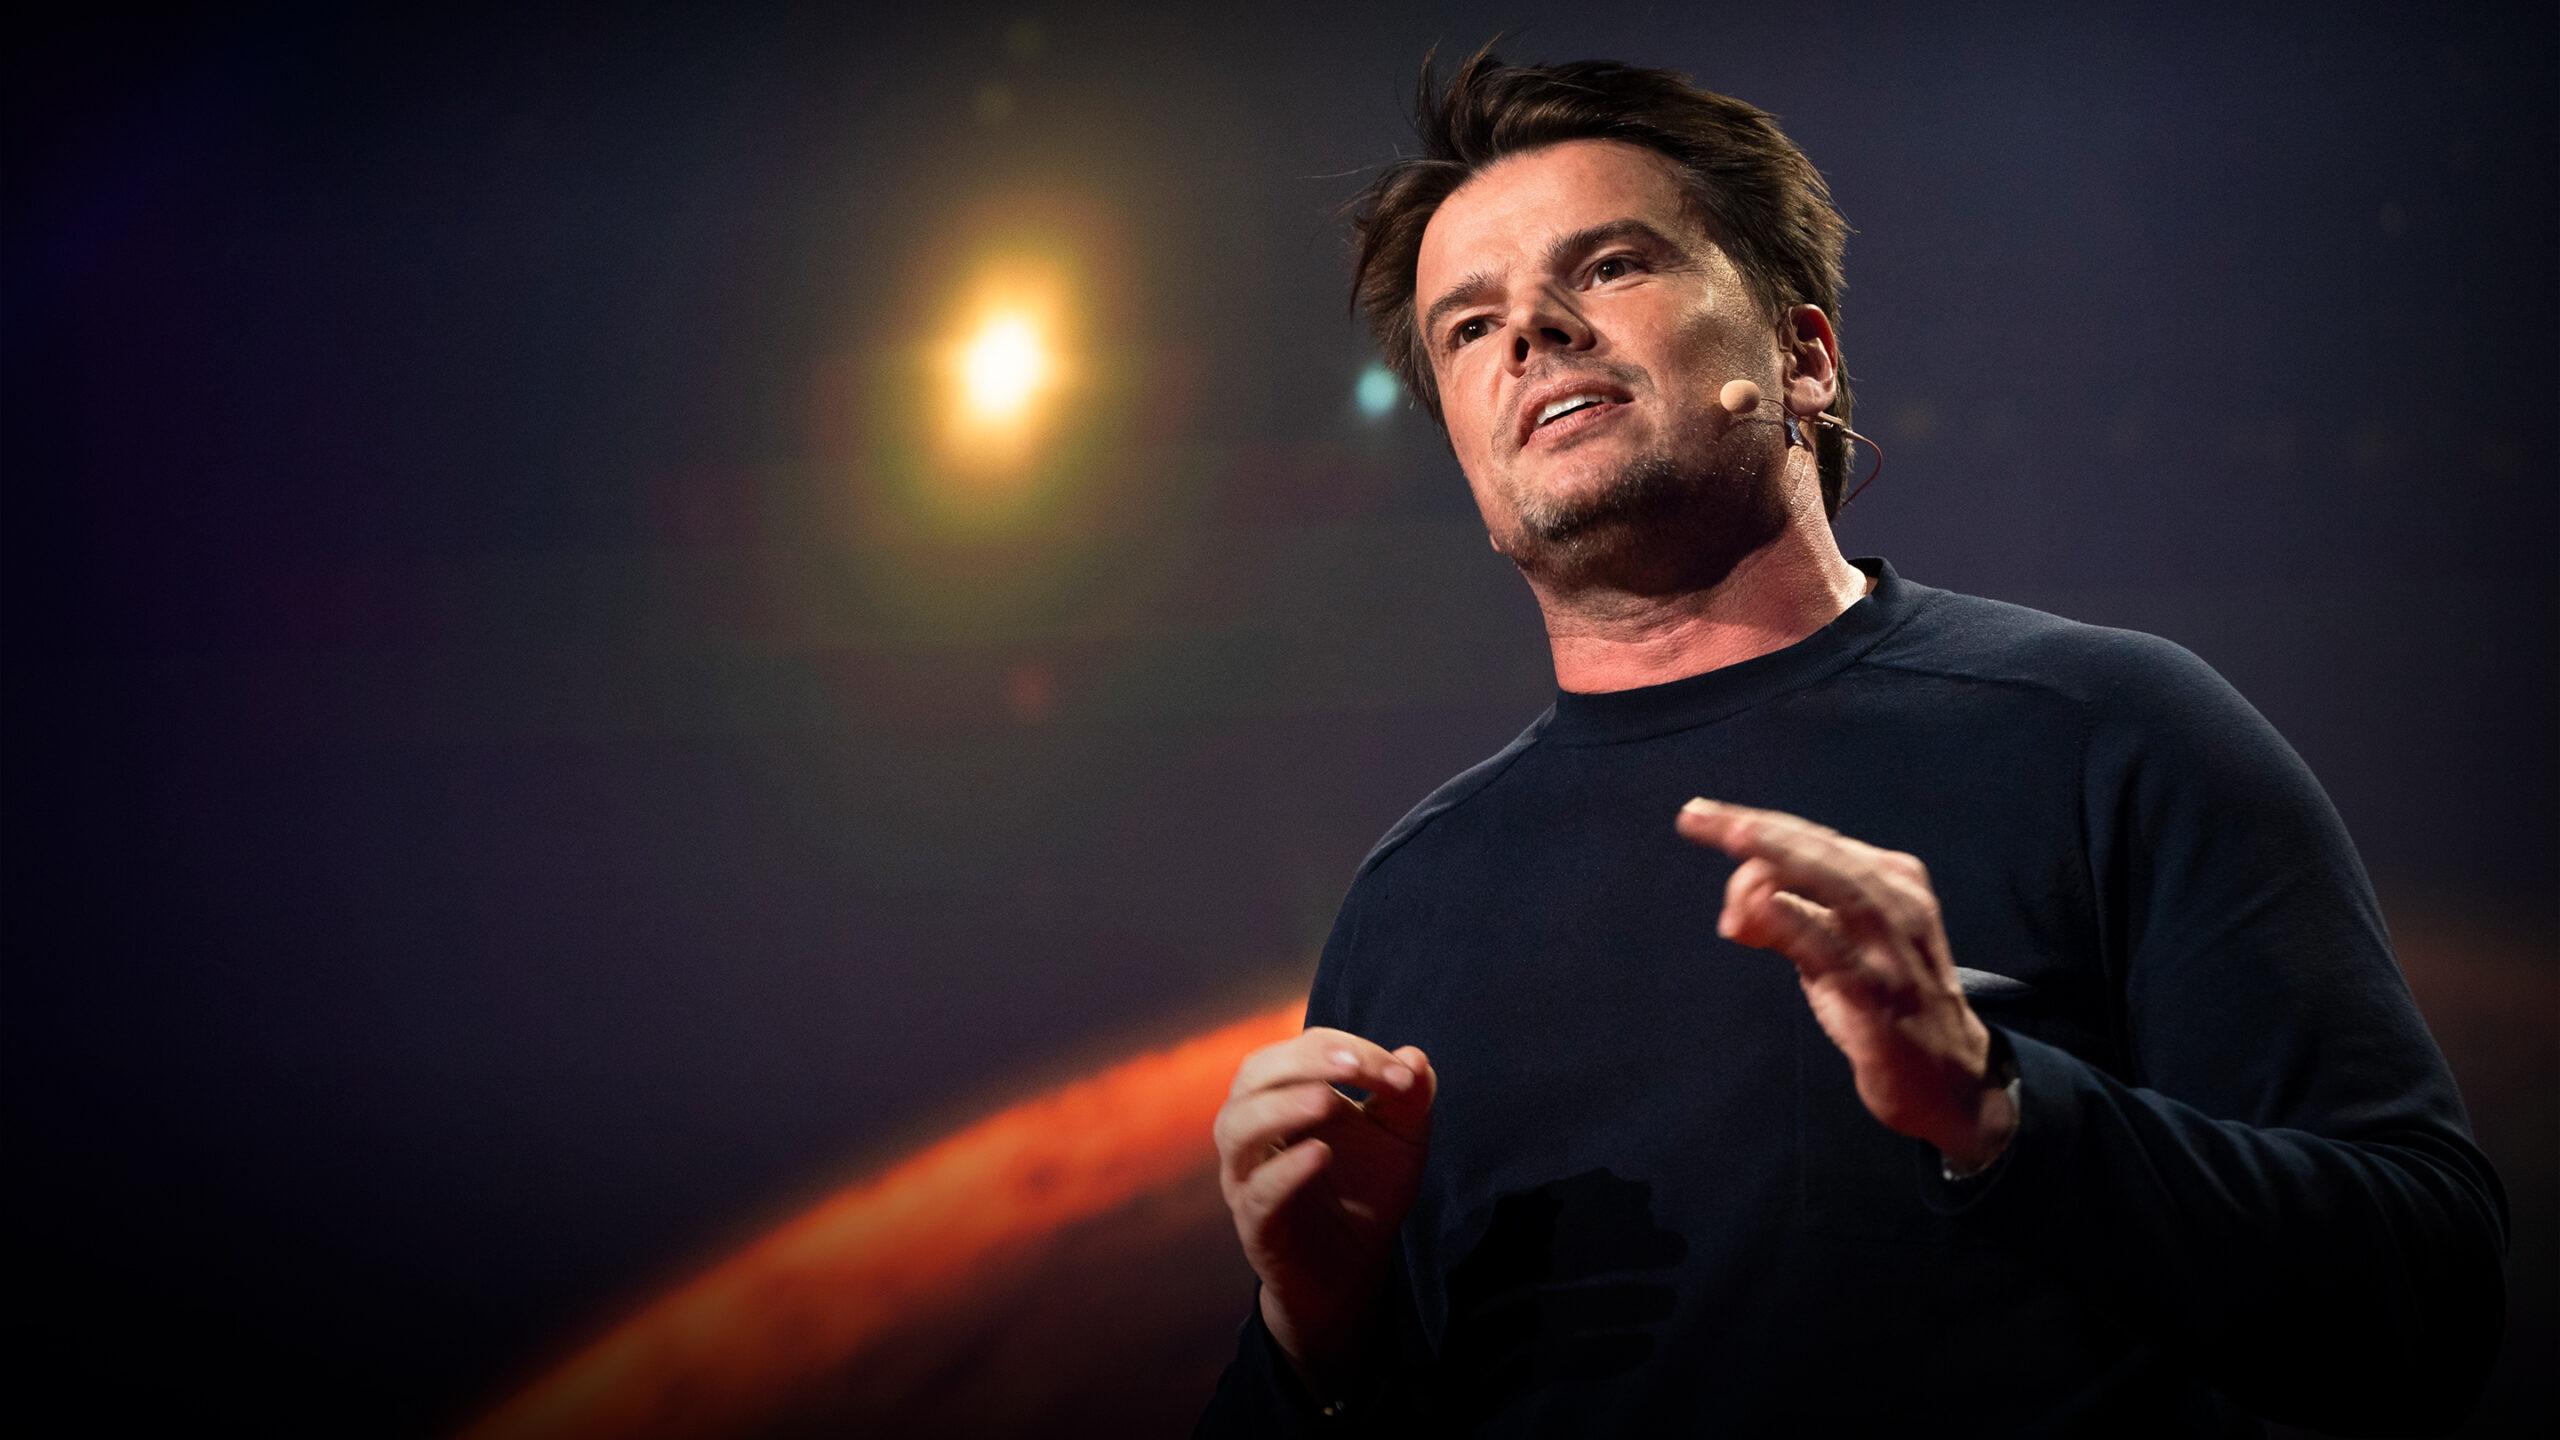 Bjarke Ingels erzählt in einem TED Talk, wie eine Stadt auf dem Mars aussehen könnte